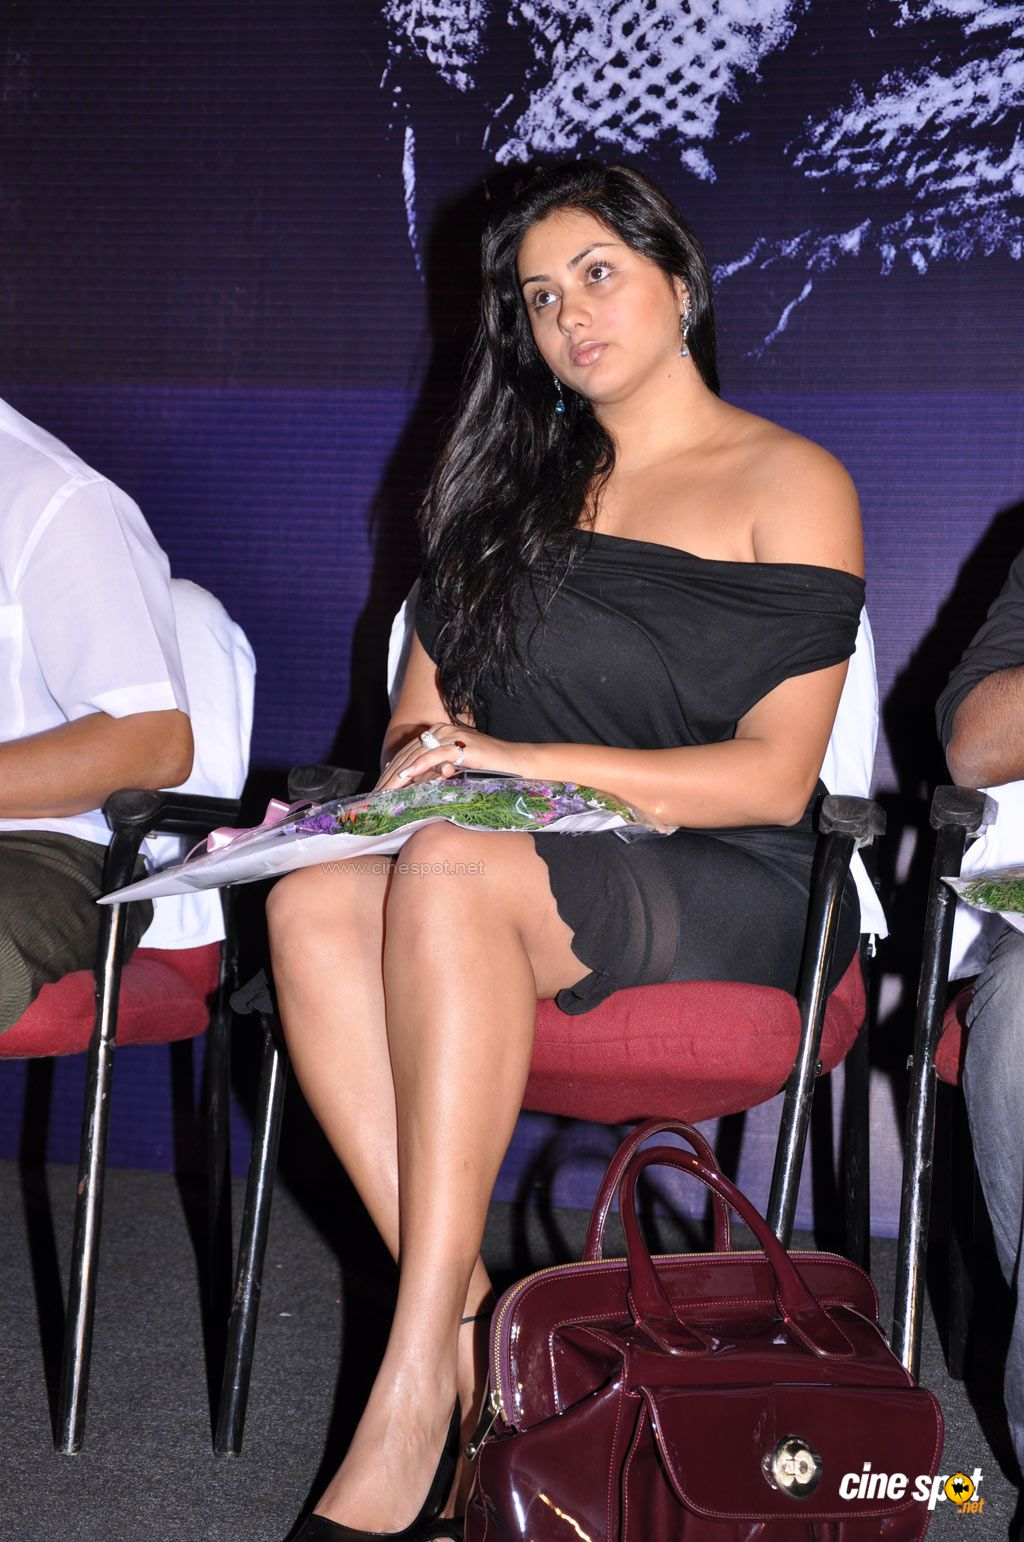 Film Actress Photos Namitha Hot Boobs And Creamy Thigh Show-1780